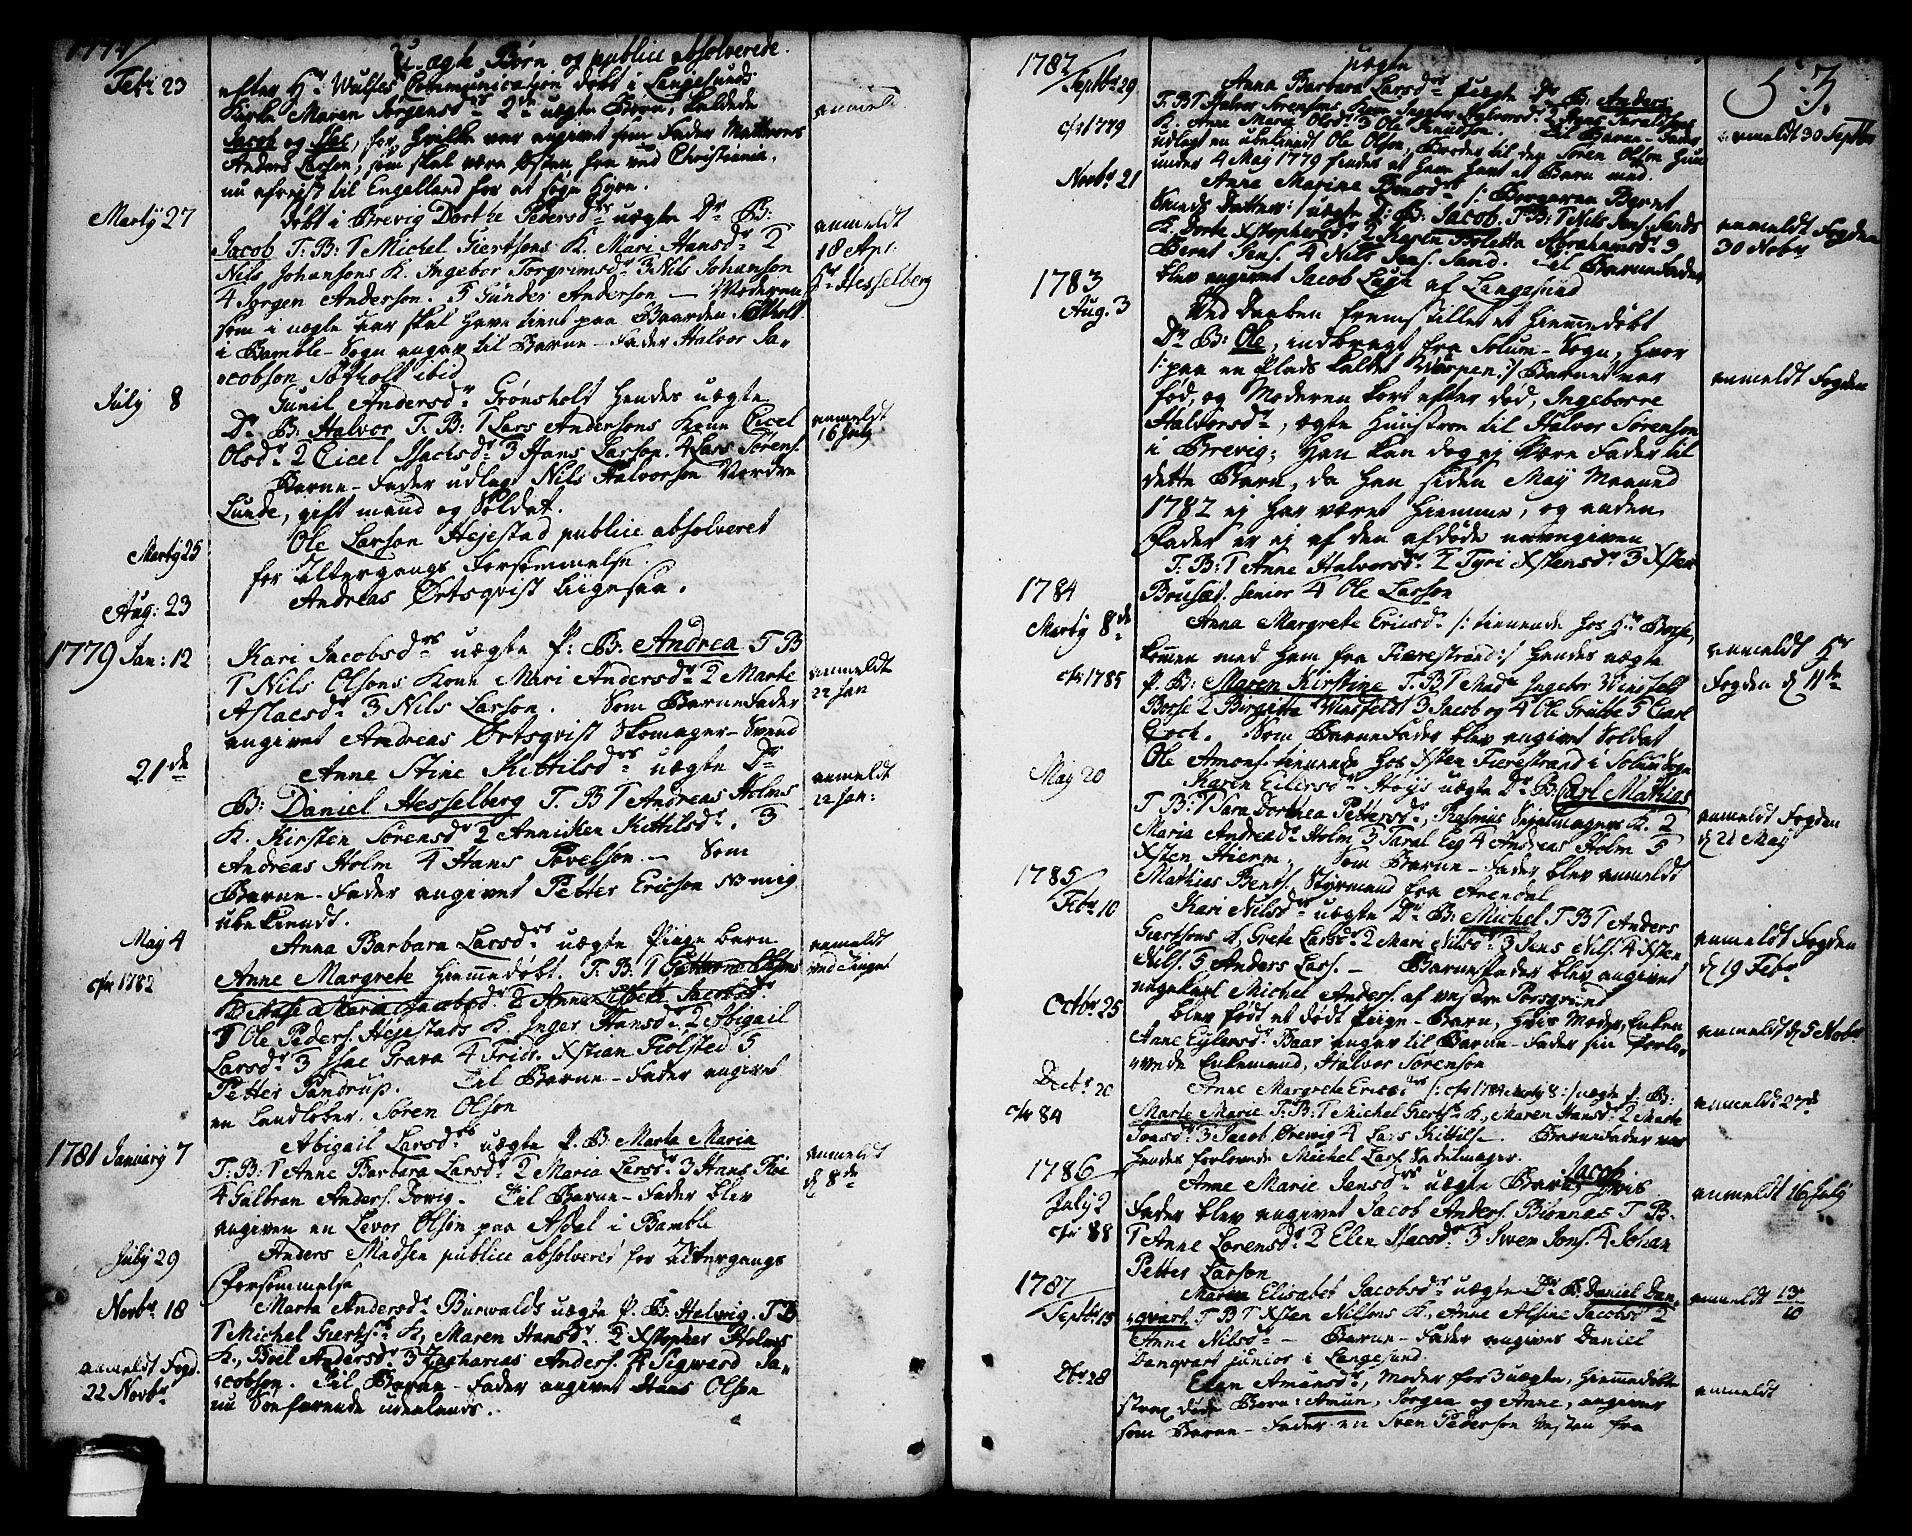 SAKO, Brevik kirkebøker, F/Fa/L0003: Ministerialbok nr. 3, 1764-1814, s. 53